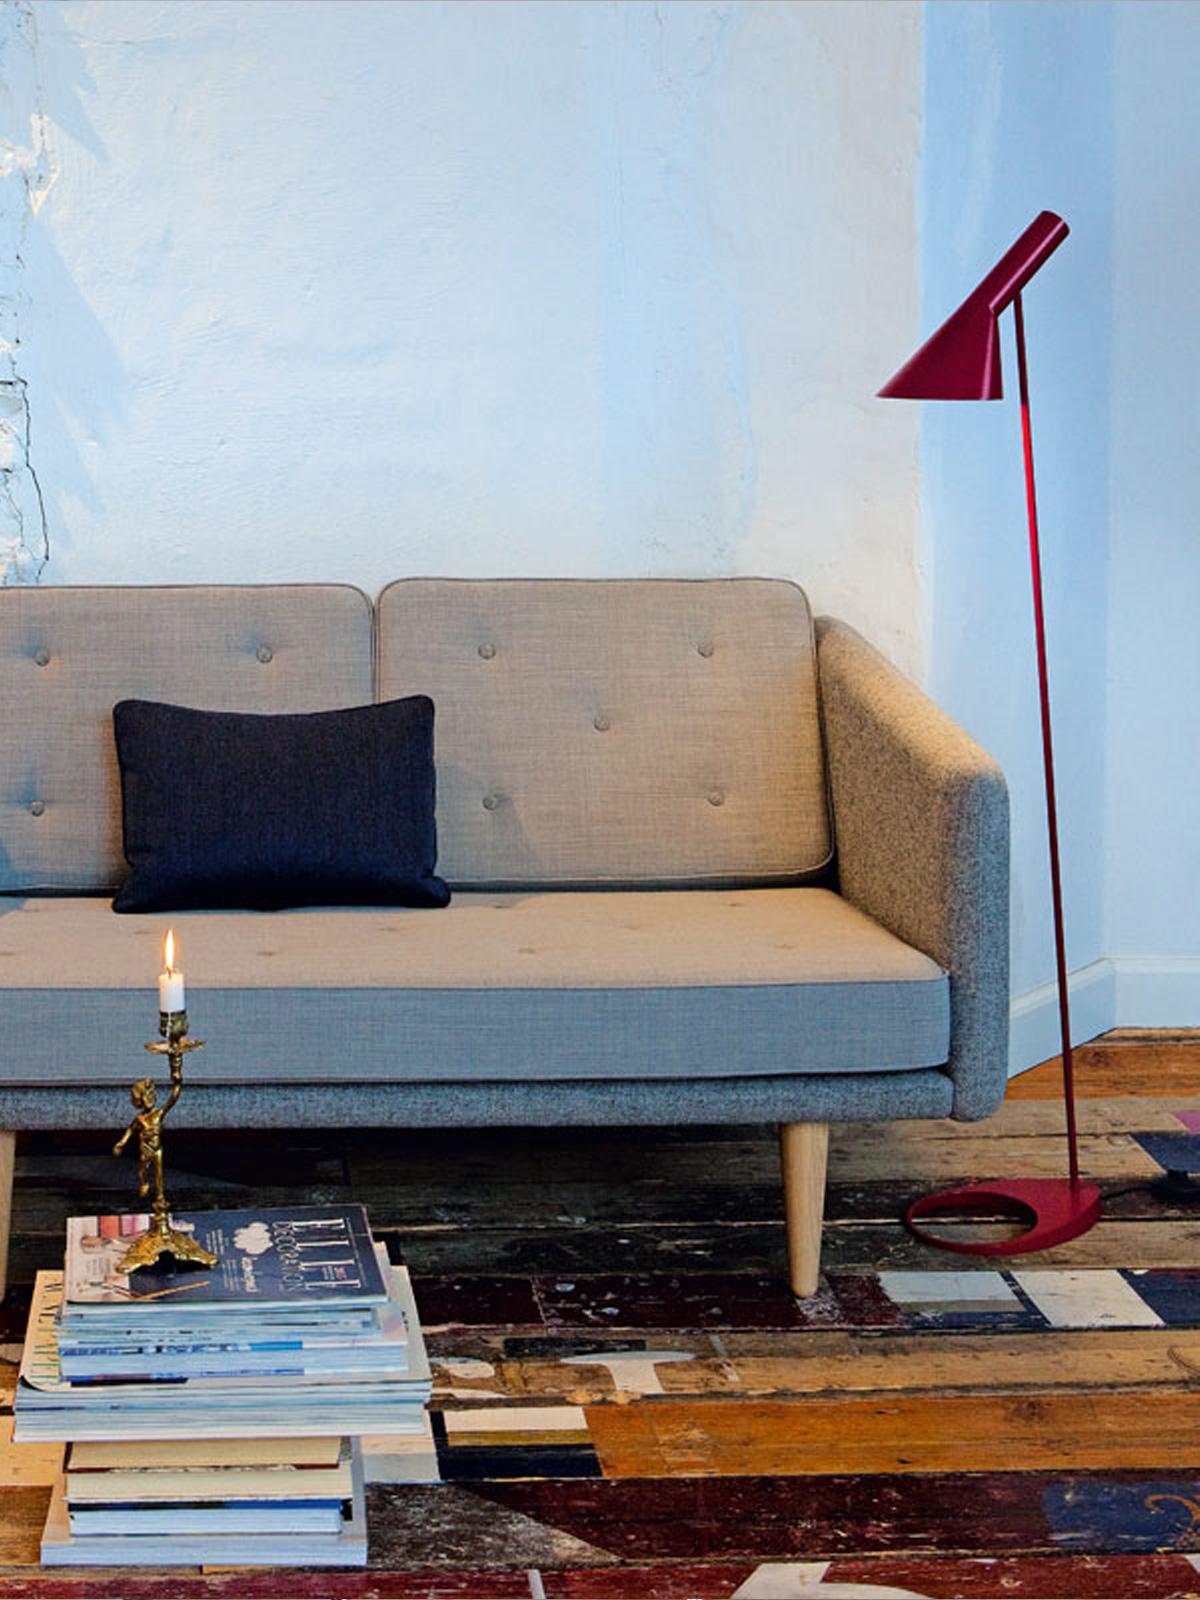 AJ STEHLEUCHTE - Lampen Leuchten Designerleuchten Online Berlin Design